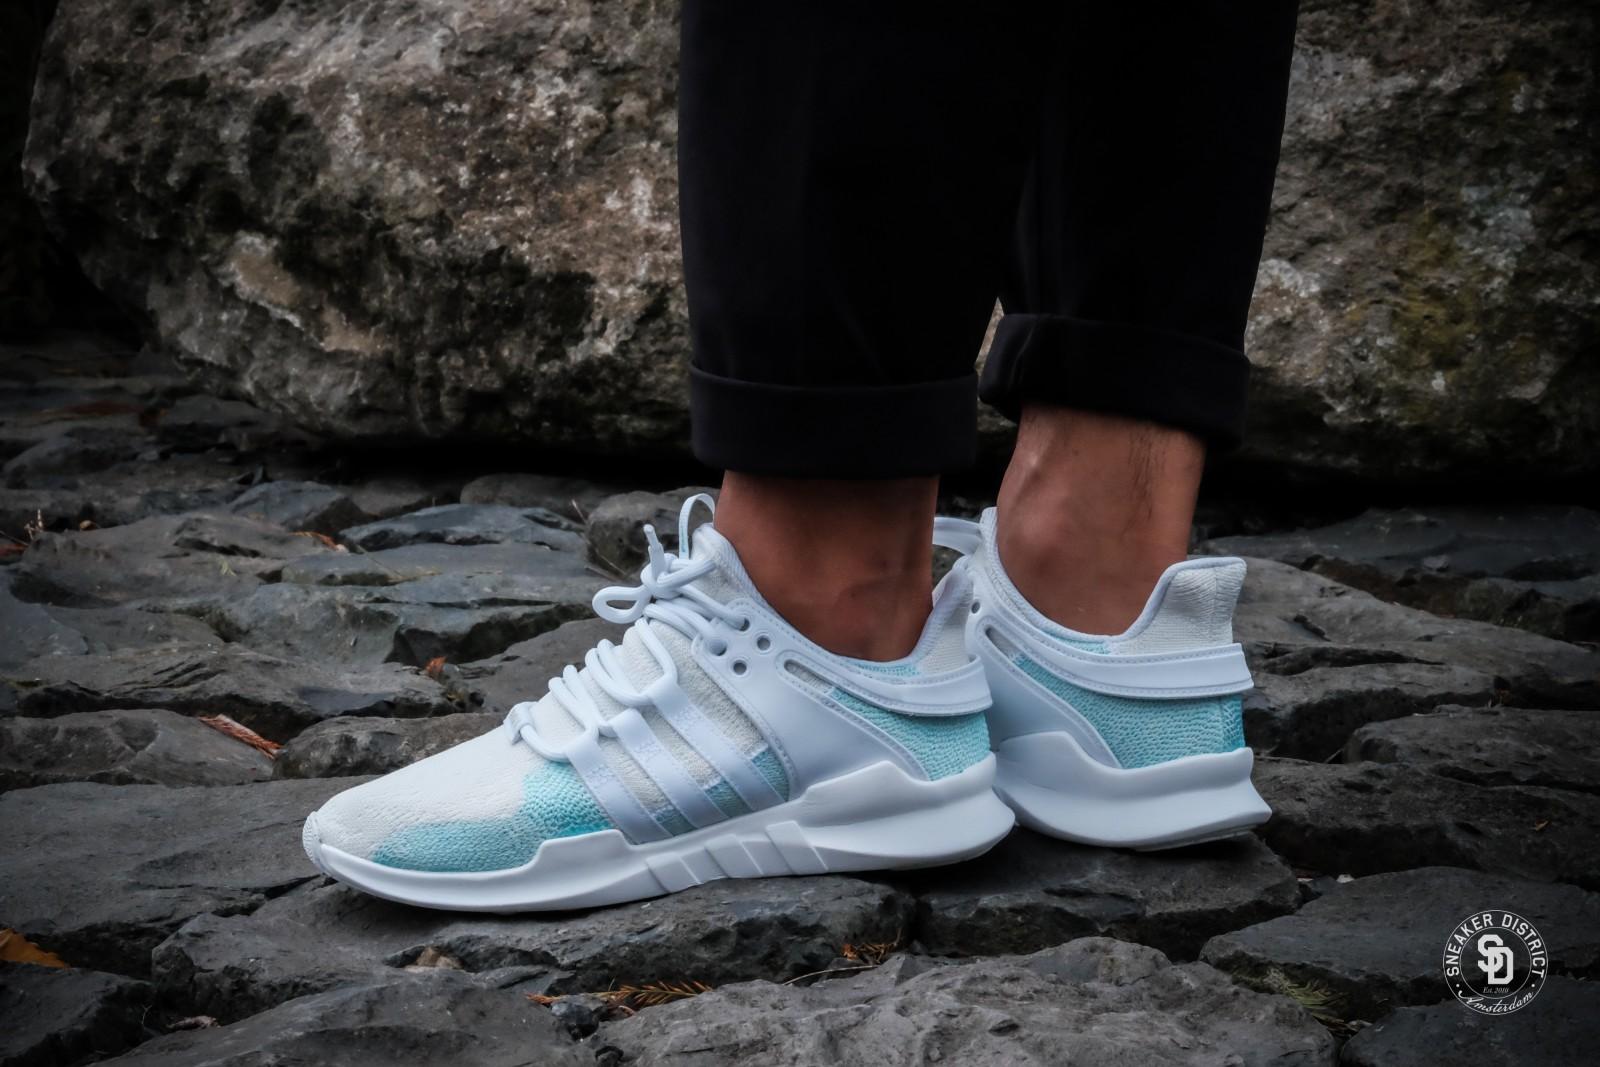 Blue Eqt Parley Shoes Adv